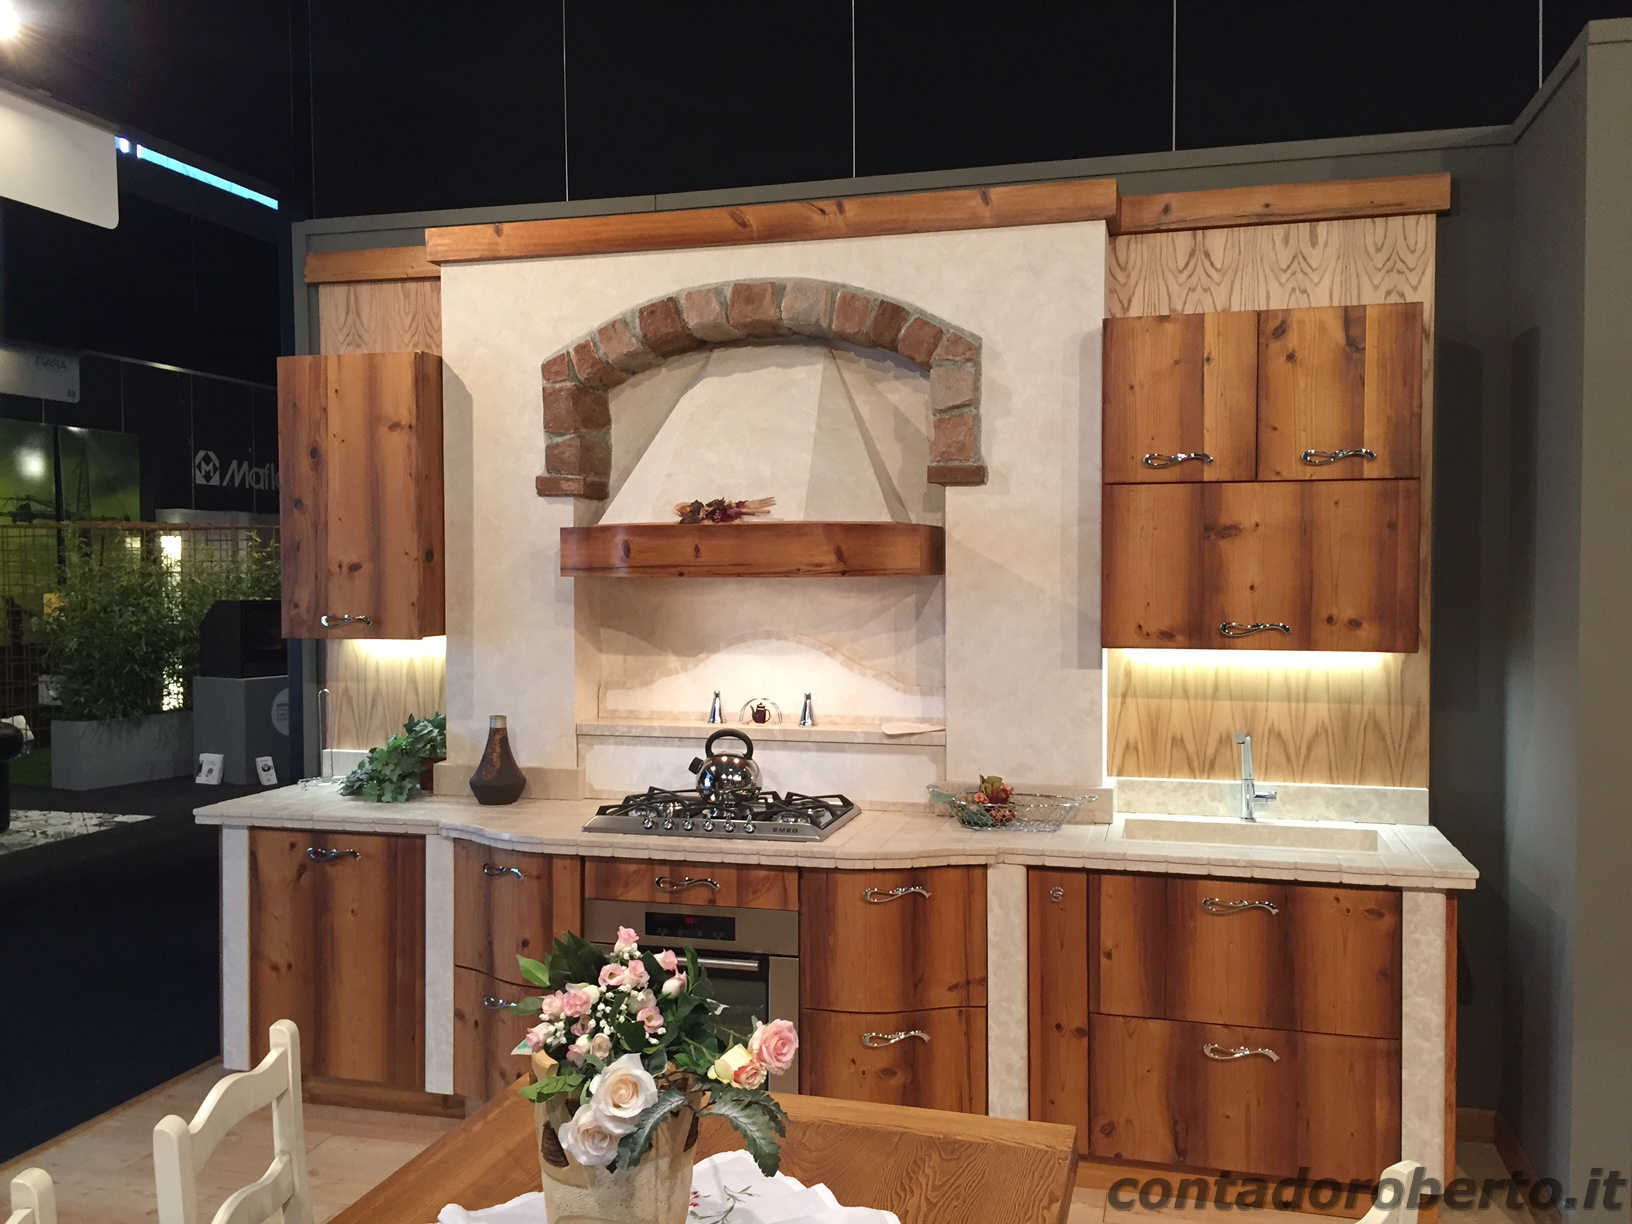 Cucina moderna in legno di larice vecchio contado - Cucina nera legno ...